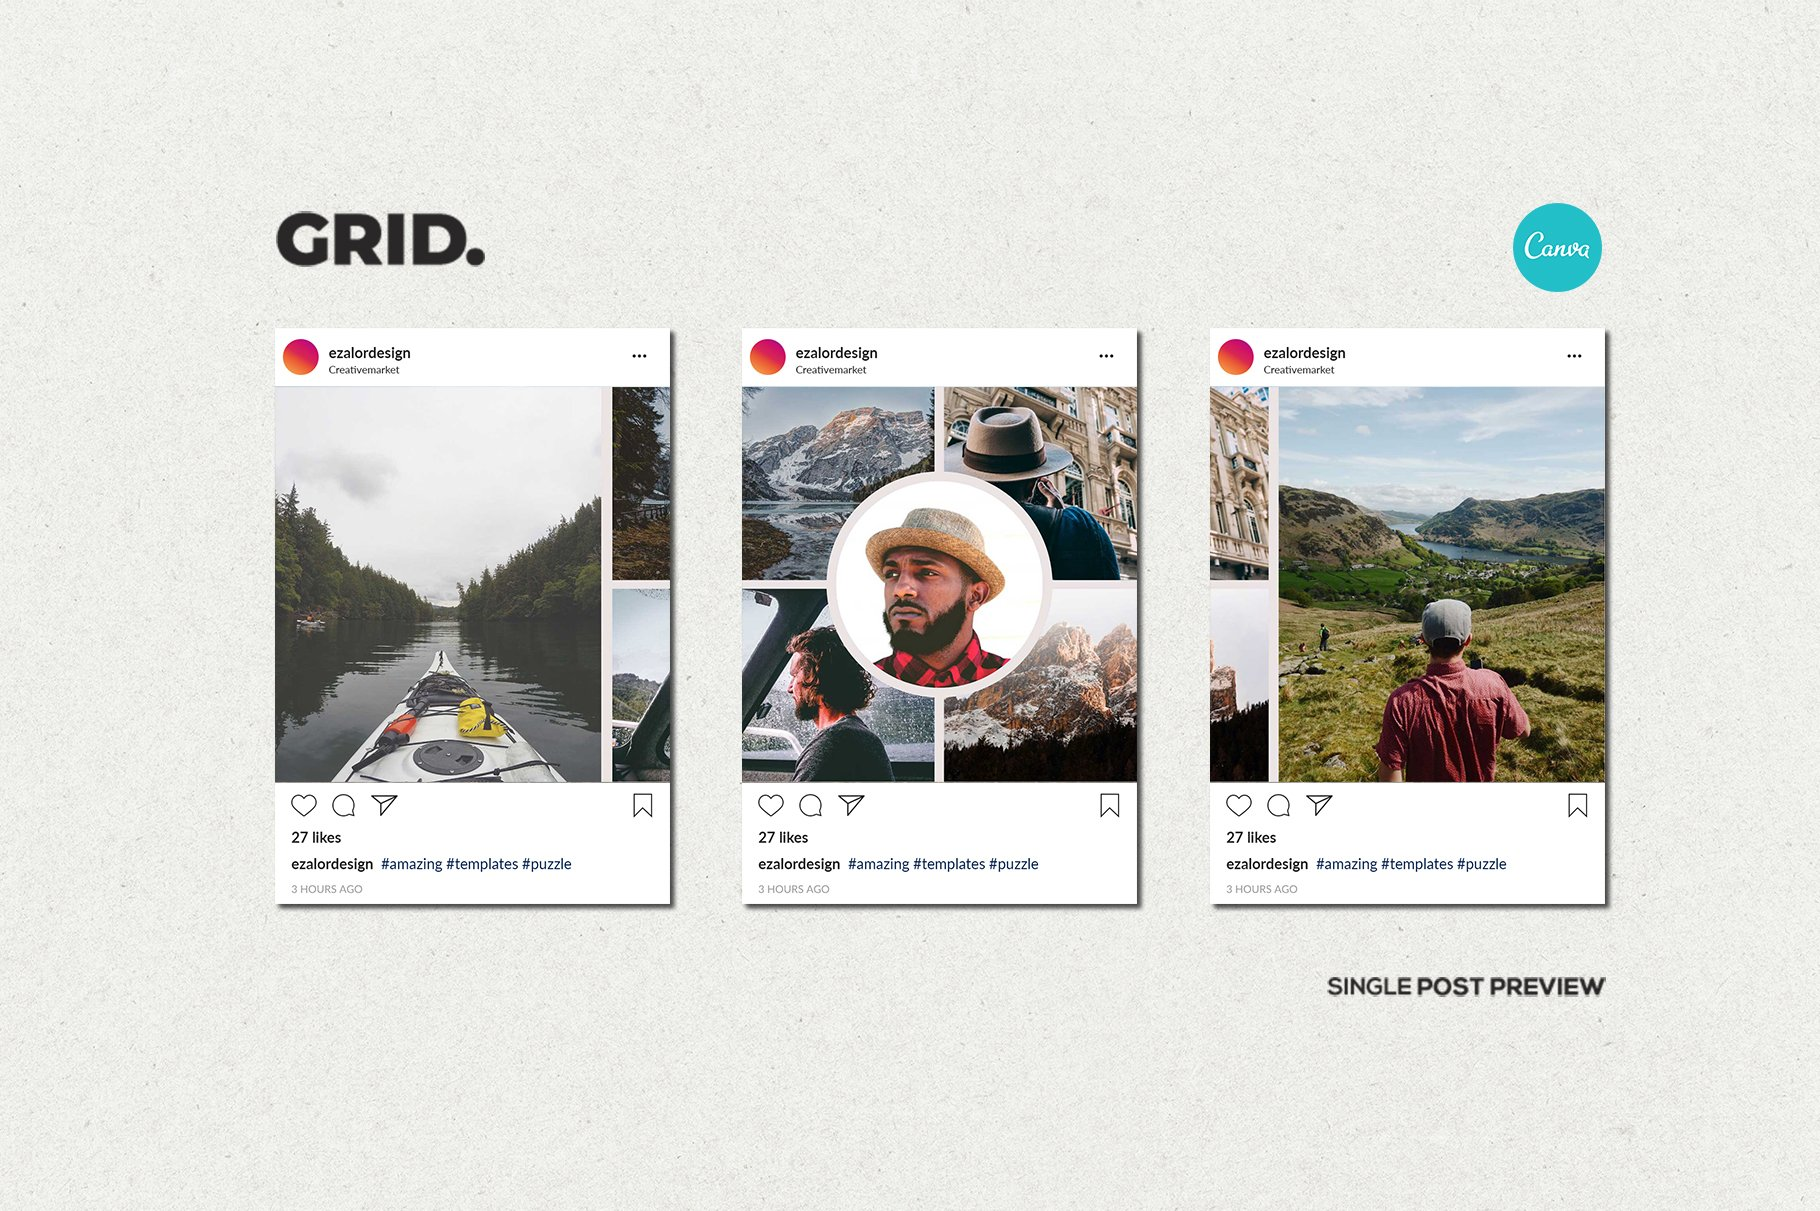 毛笔笔刷效果新媒体电商海报设计PSD模板 Agenda Insta Grid (Triple Posts)插图(11)